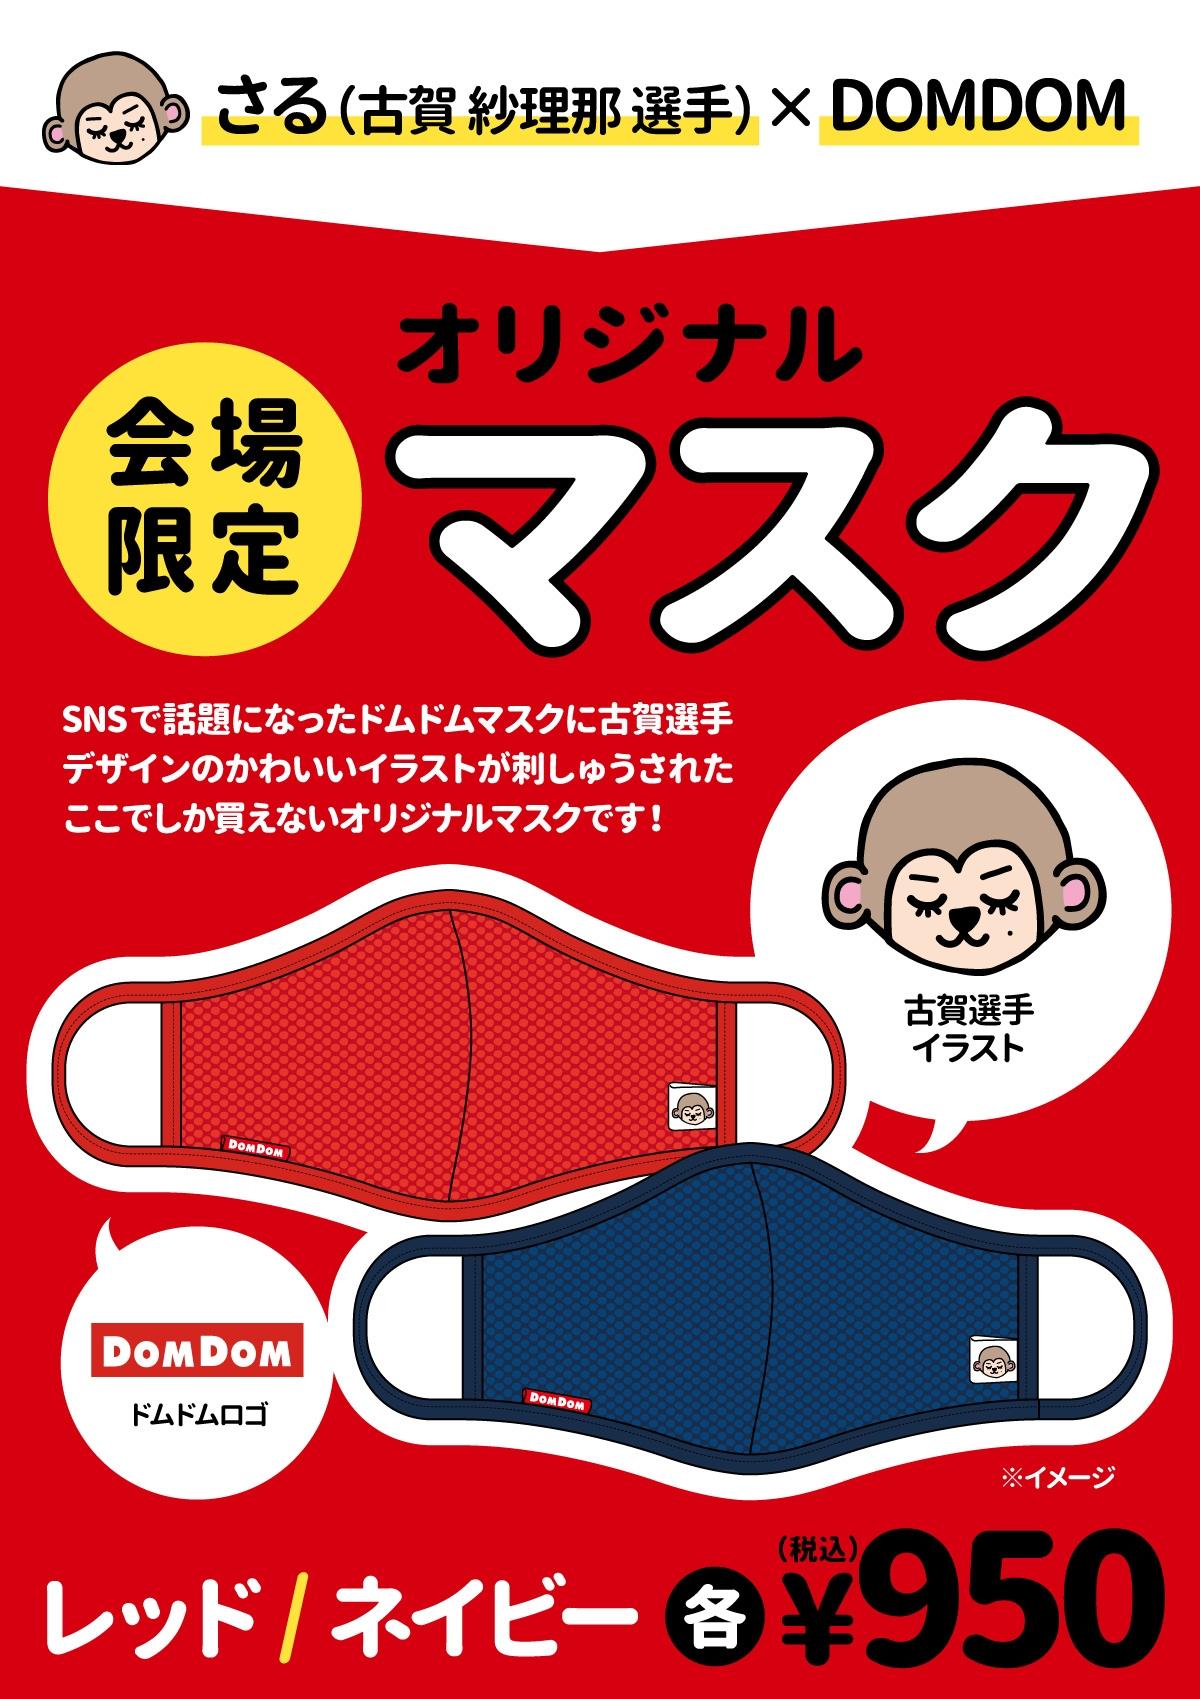 会場限定で販売されるオリジナルコラボマスク。SNSで人気に火がついたアイテム同士のコラボが実現。